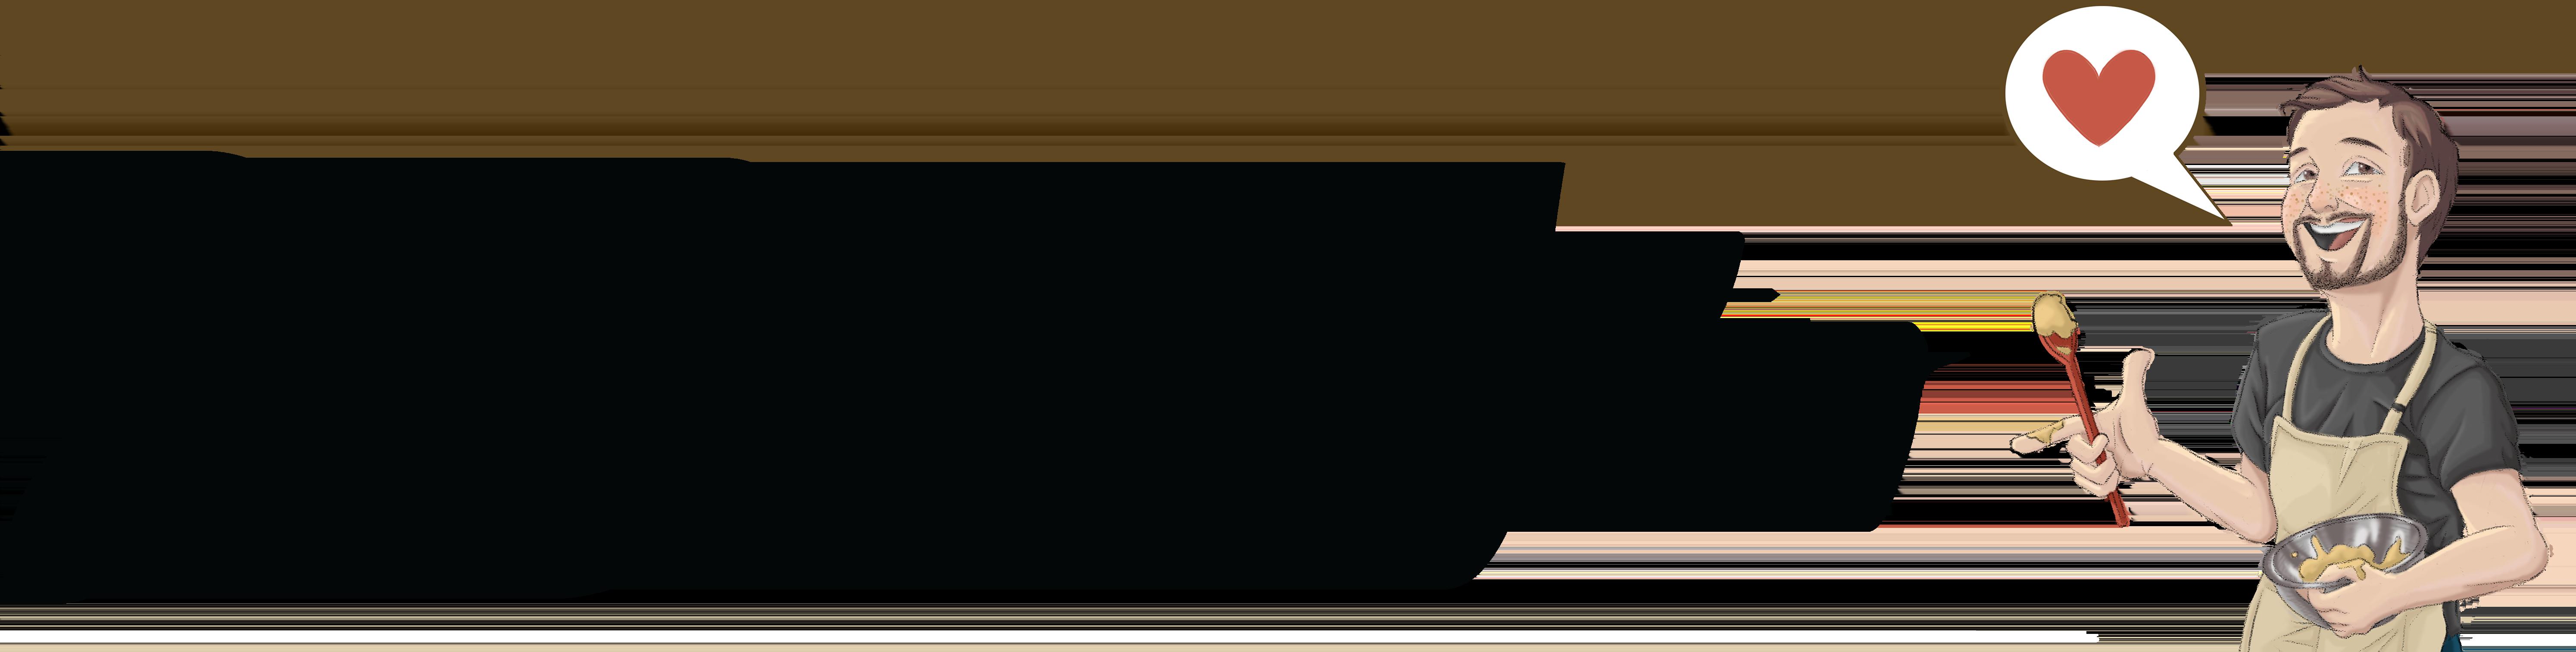 Dan Beasley-Harling